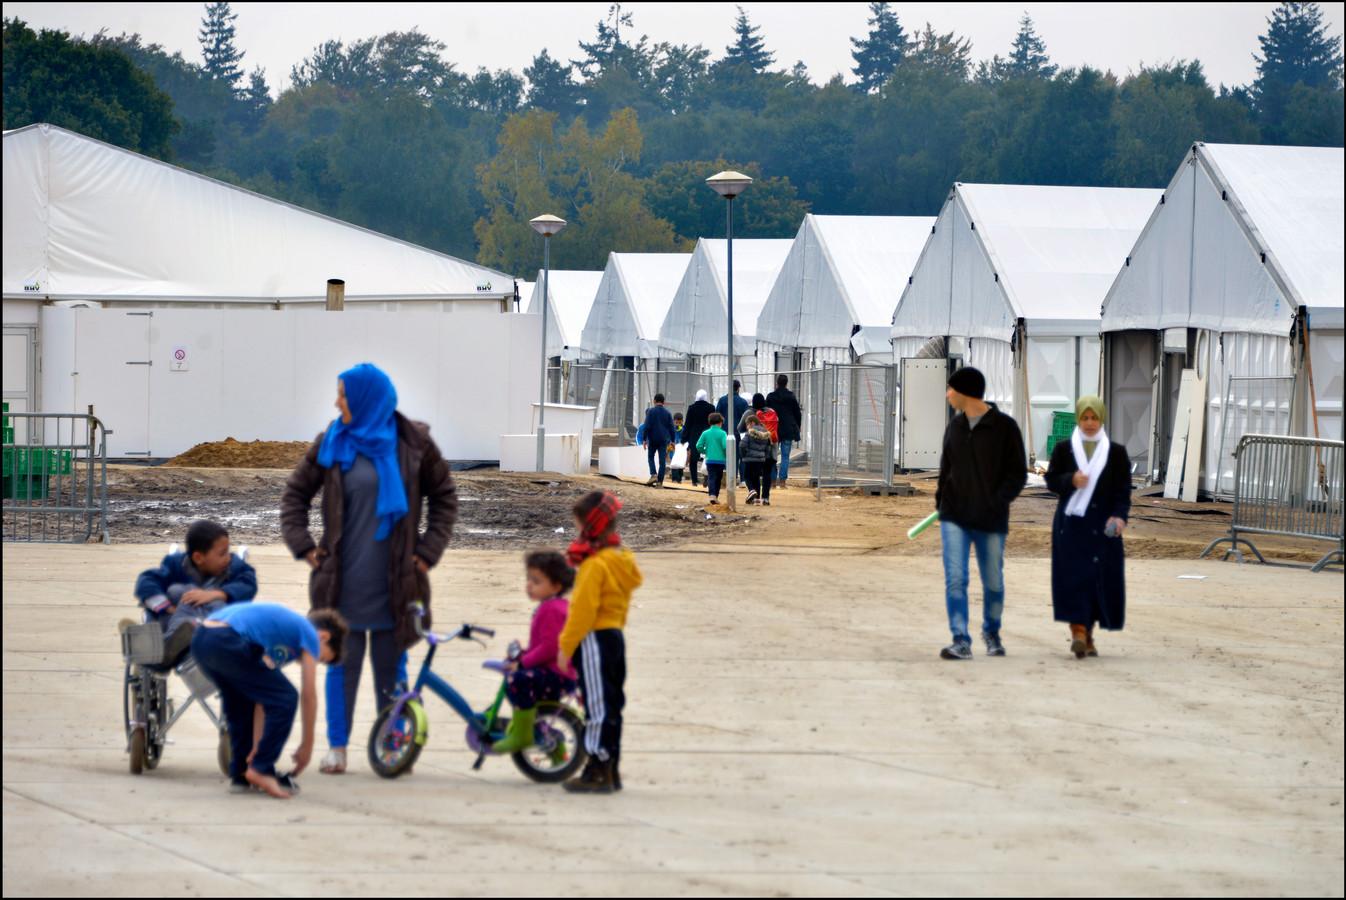 Nijmegen was zeer gastvrij voor zo'n drieduizend vluchtelingen in de winter van 2015/2016. Zij werden destijds opgevangen in een tentenkamp op Heumensoord.